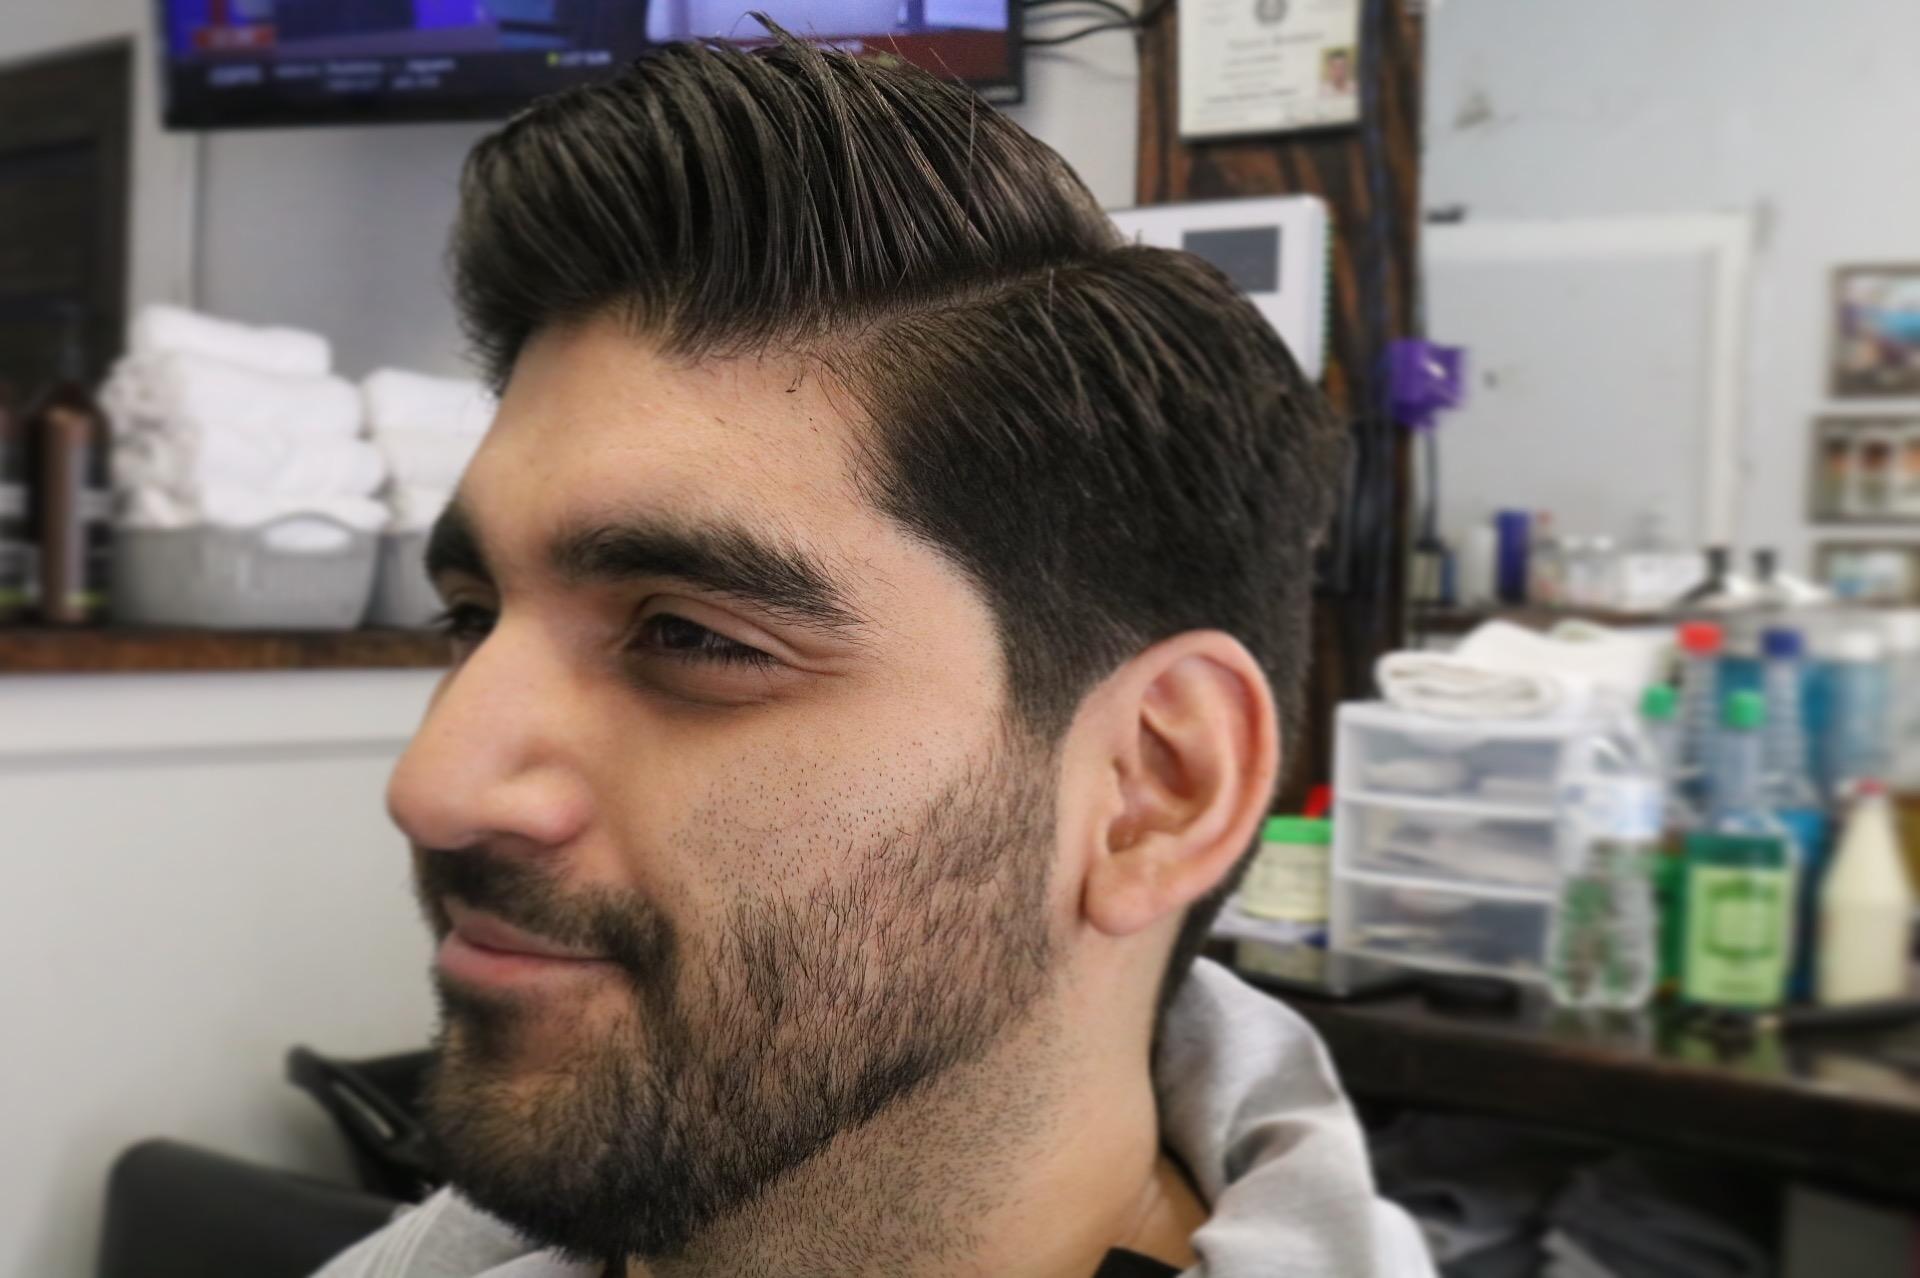 Juan the Barber